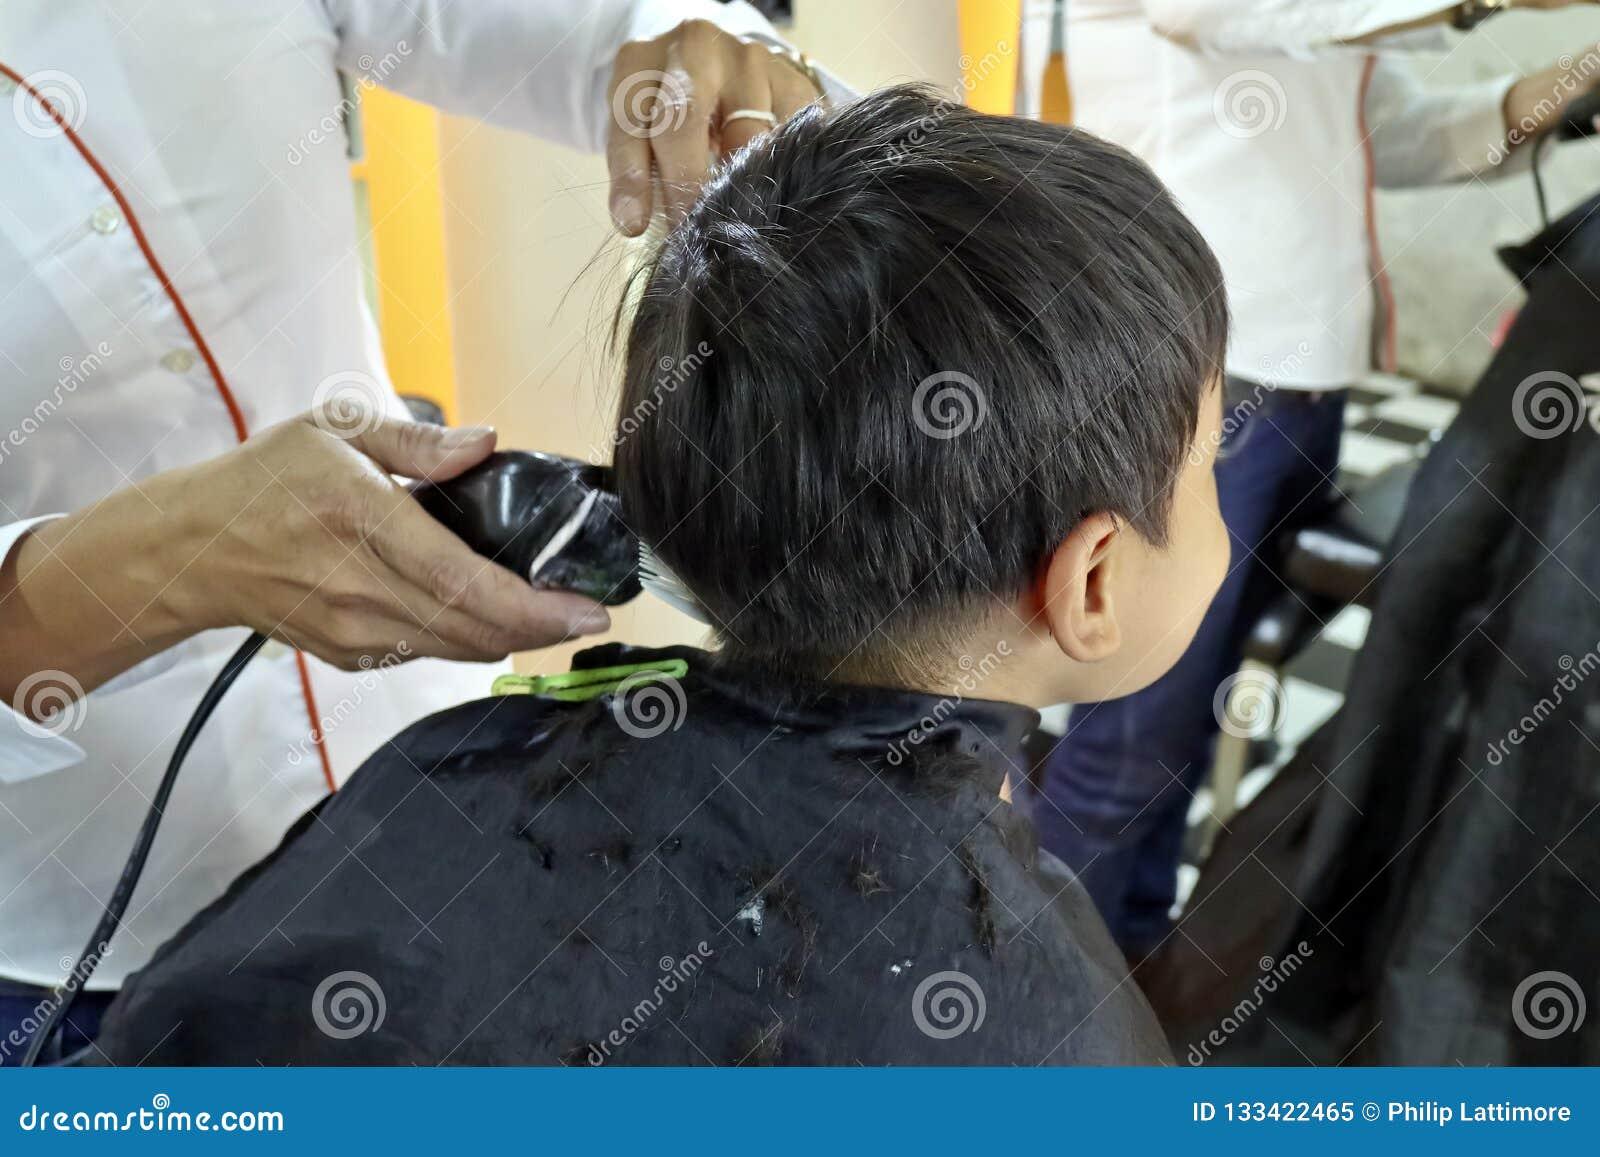 Giovane ragazzo che ha un taglio di capelli